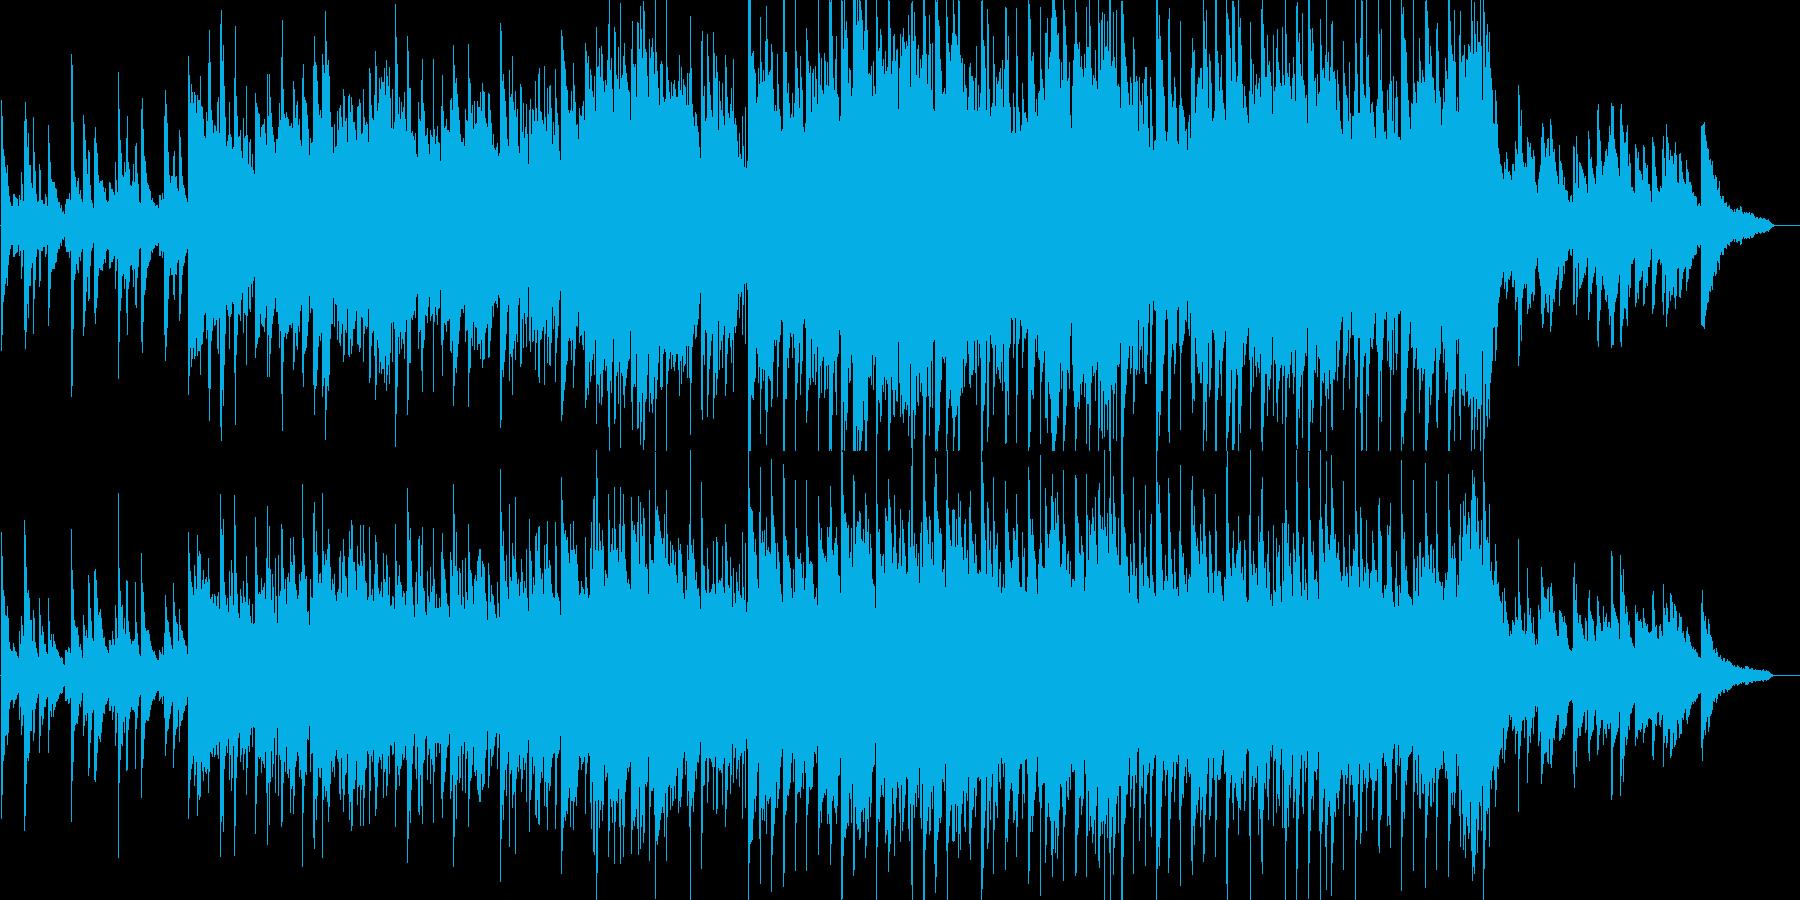 感動的・バラード・ピアノ・イベント・映像の再生済みの波形